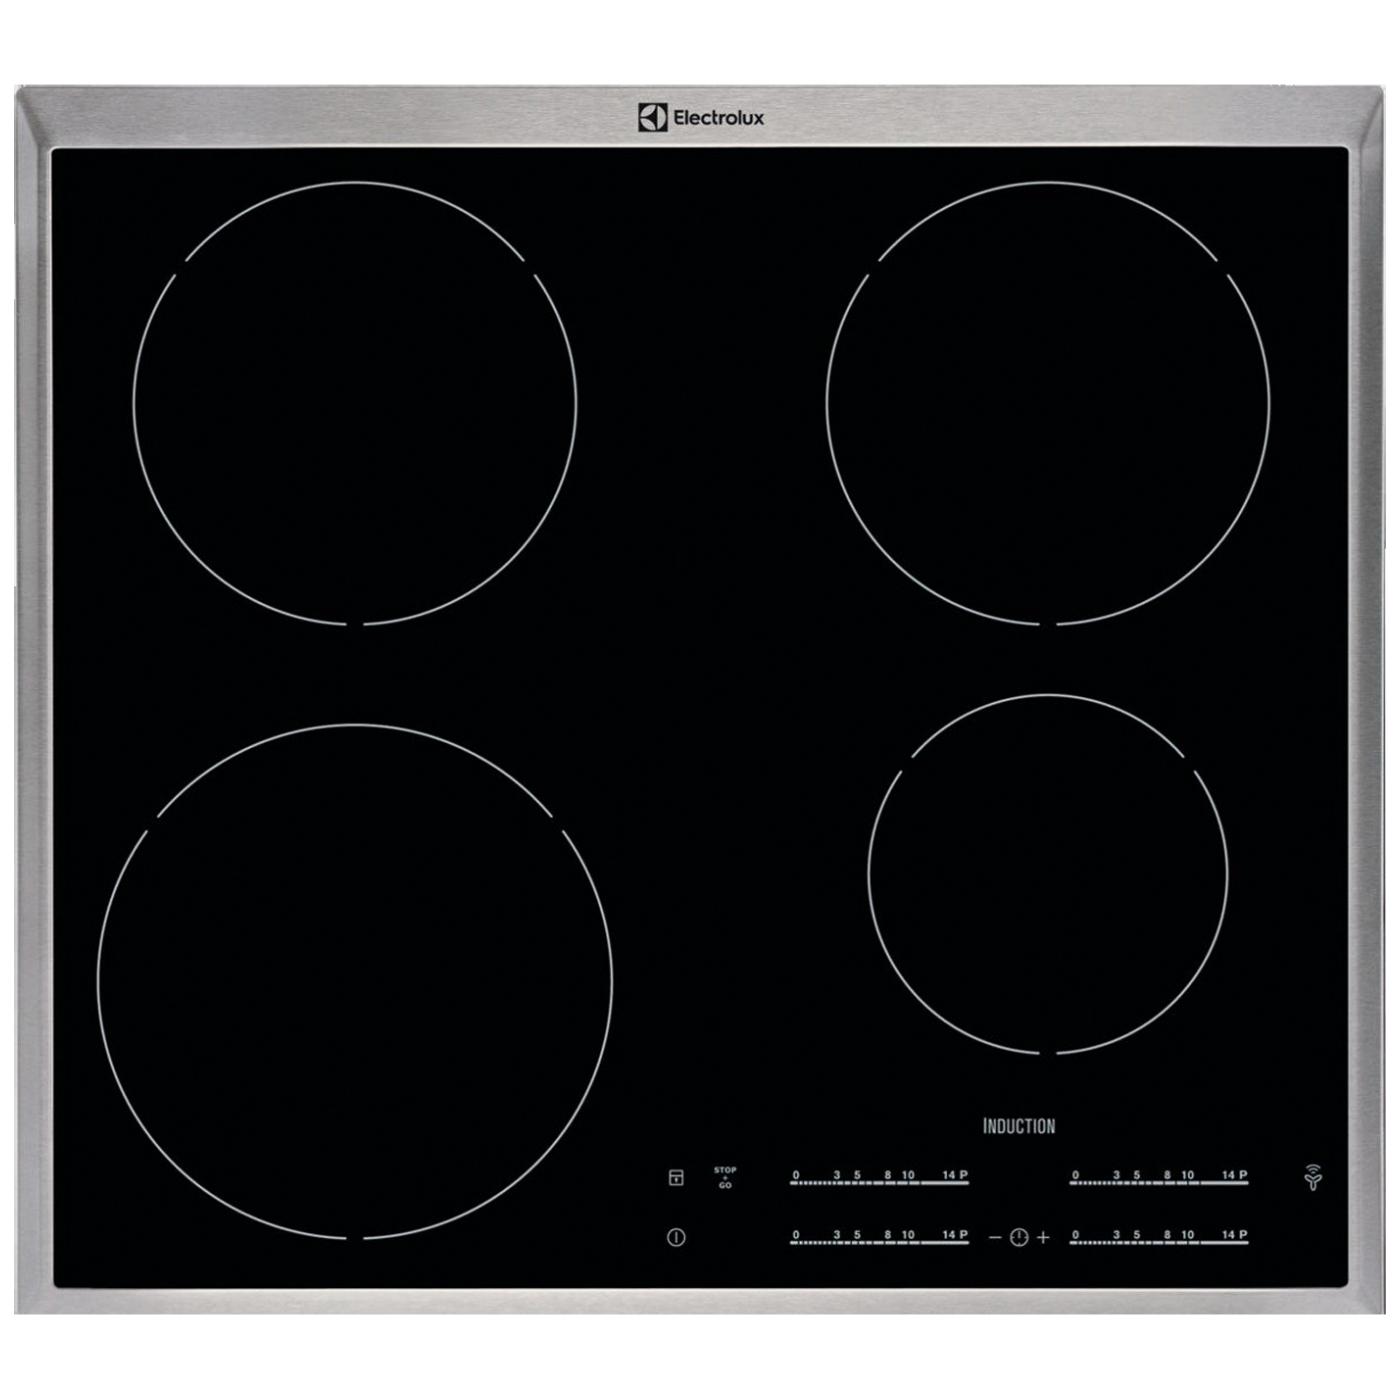 Ugradbena indukcijska ploča za kuhanje, 60cm